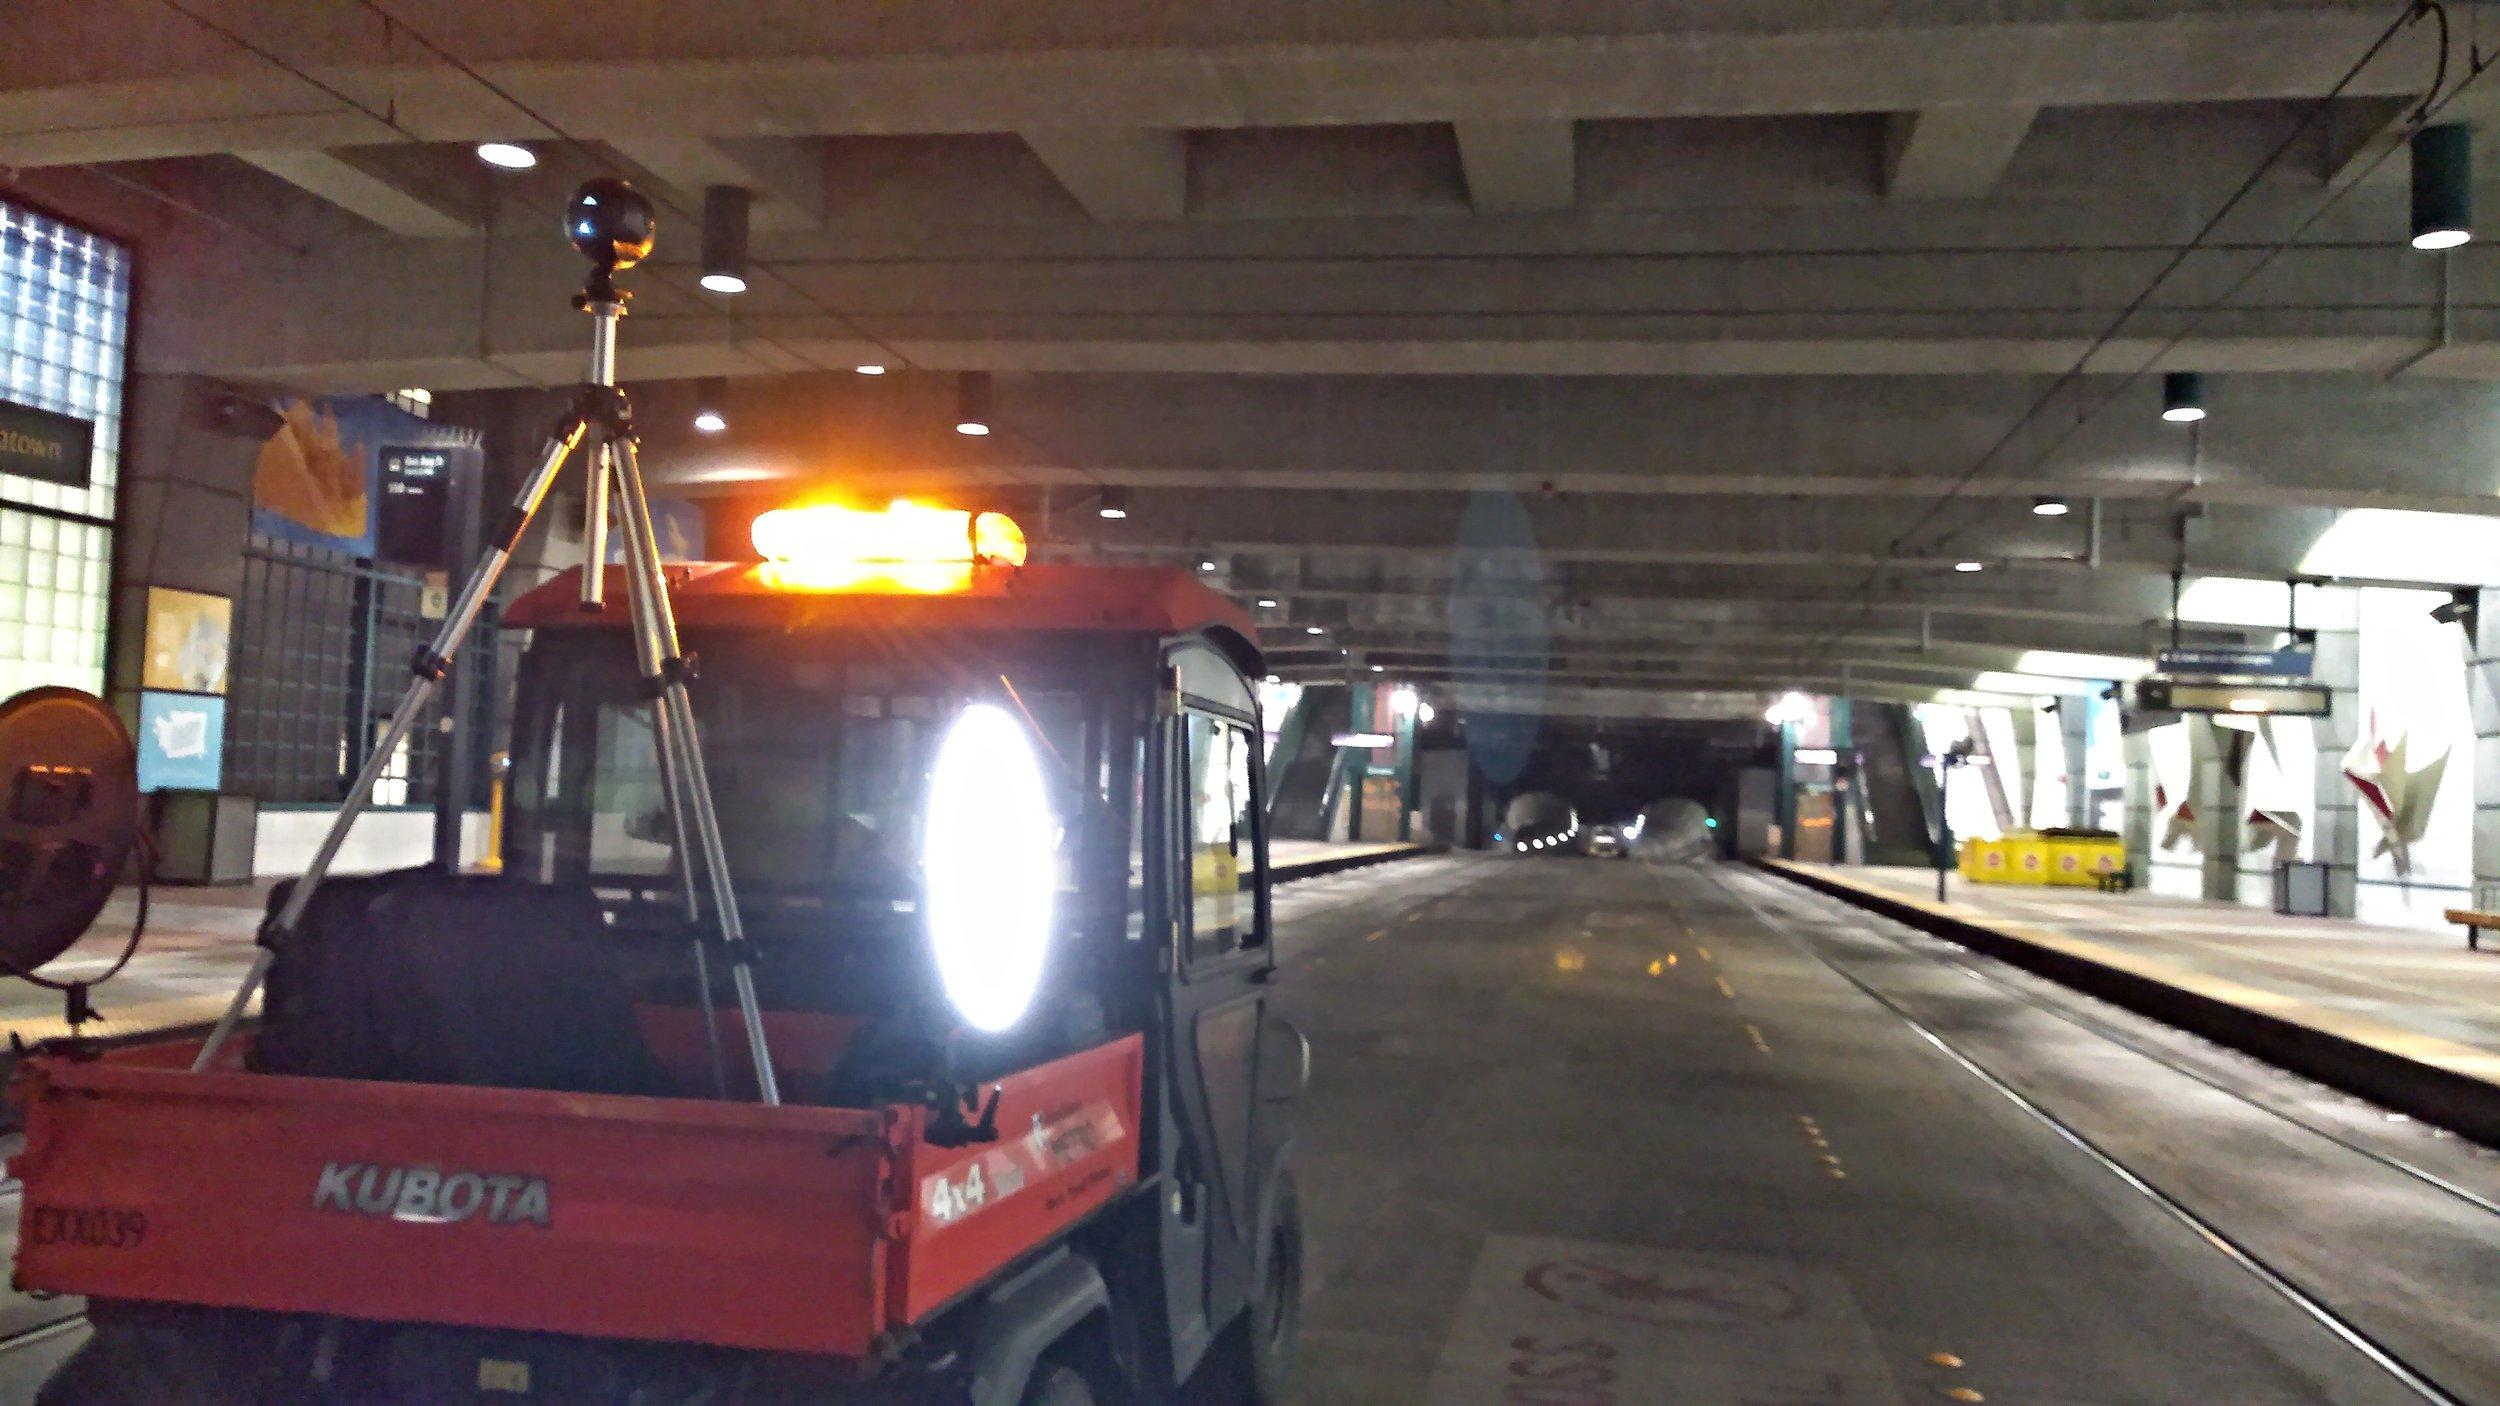 Seattle Underground 360 filming